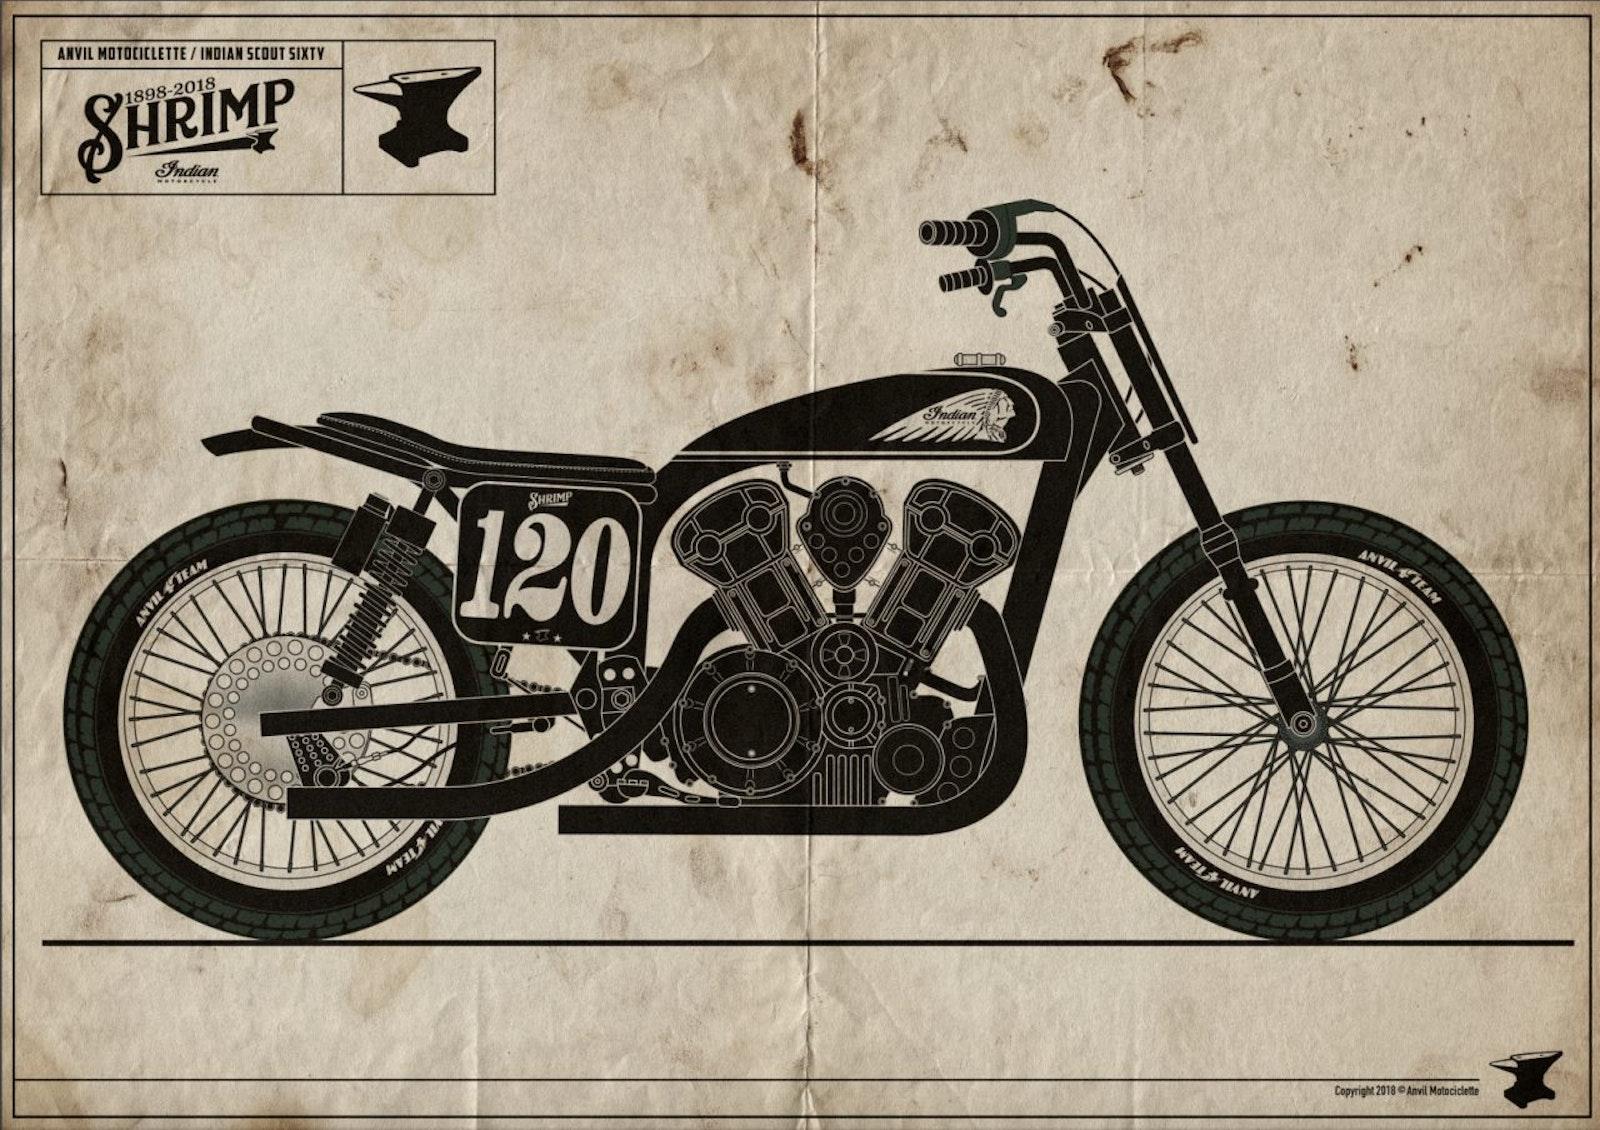 Anvil Motociclette Shrimp